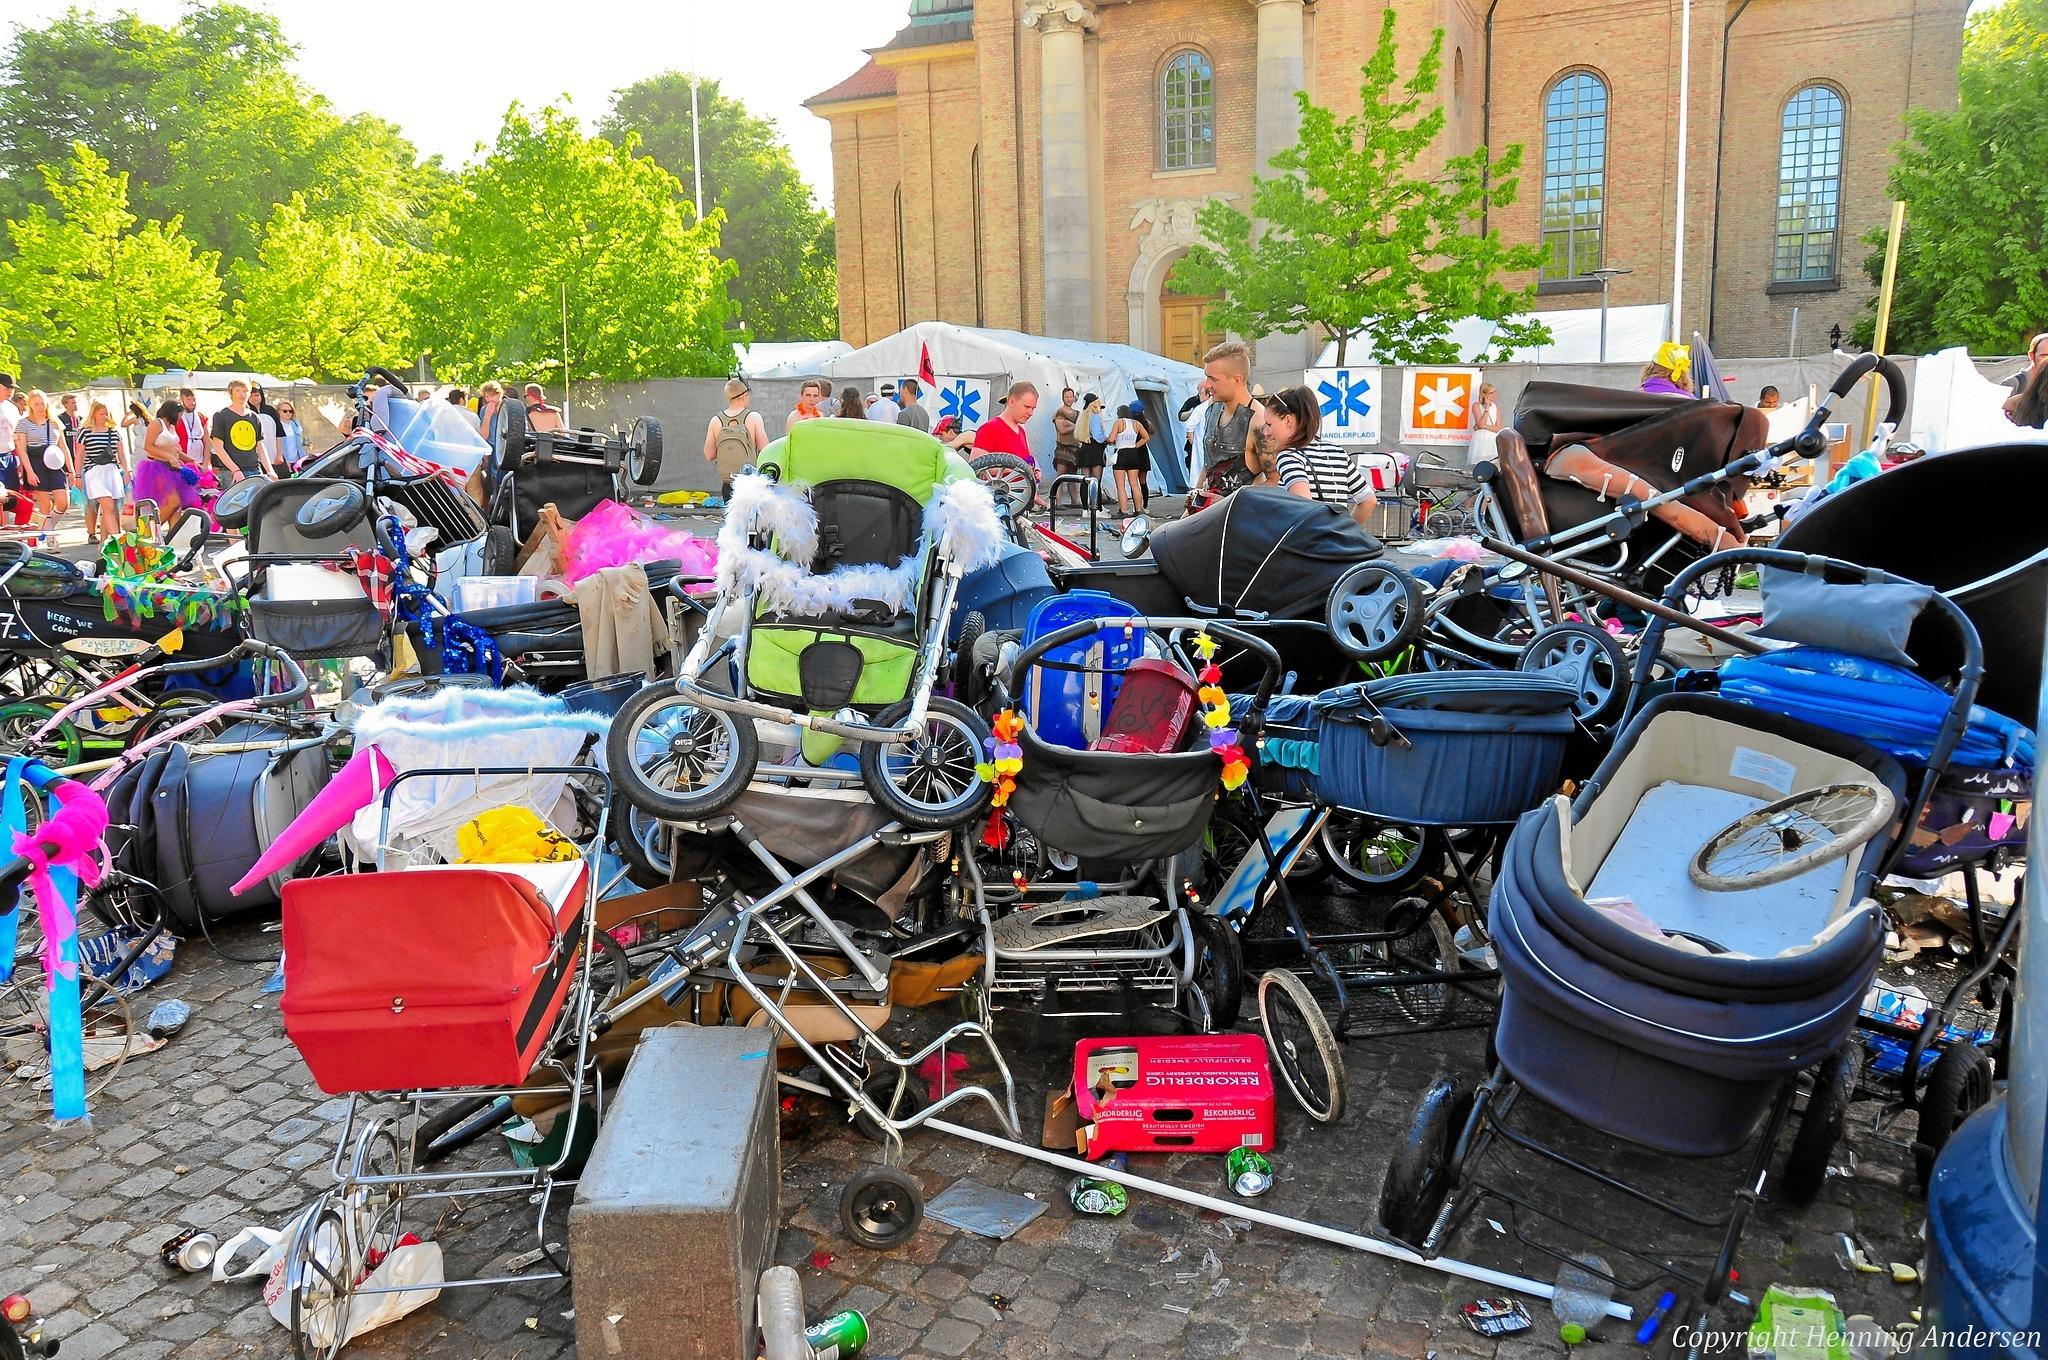 Barne- og trækvogne havner rundt omkring, når der er karneval i byen. Derfor laver Aalborg Karneval i år en vognkirkegård på Vesterbro. Foto: Aalborg Karneval